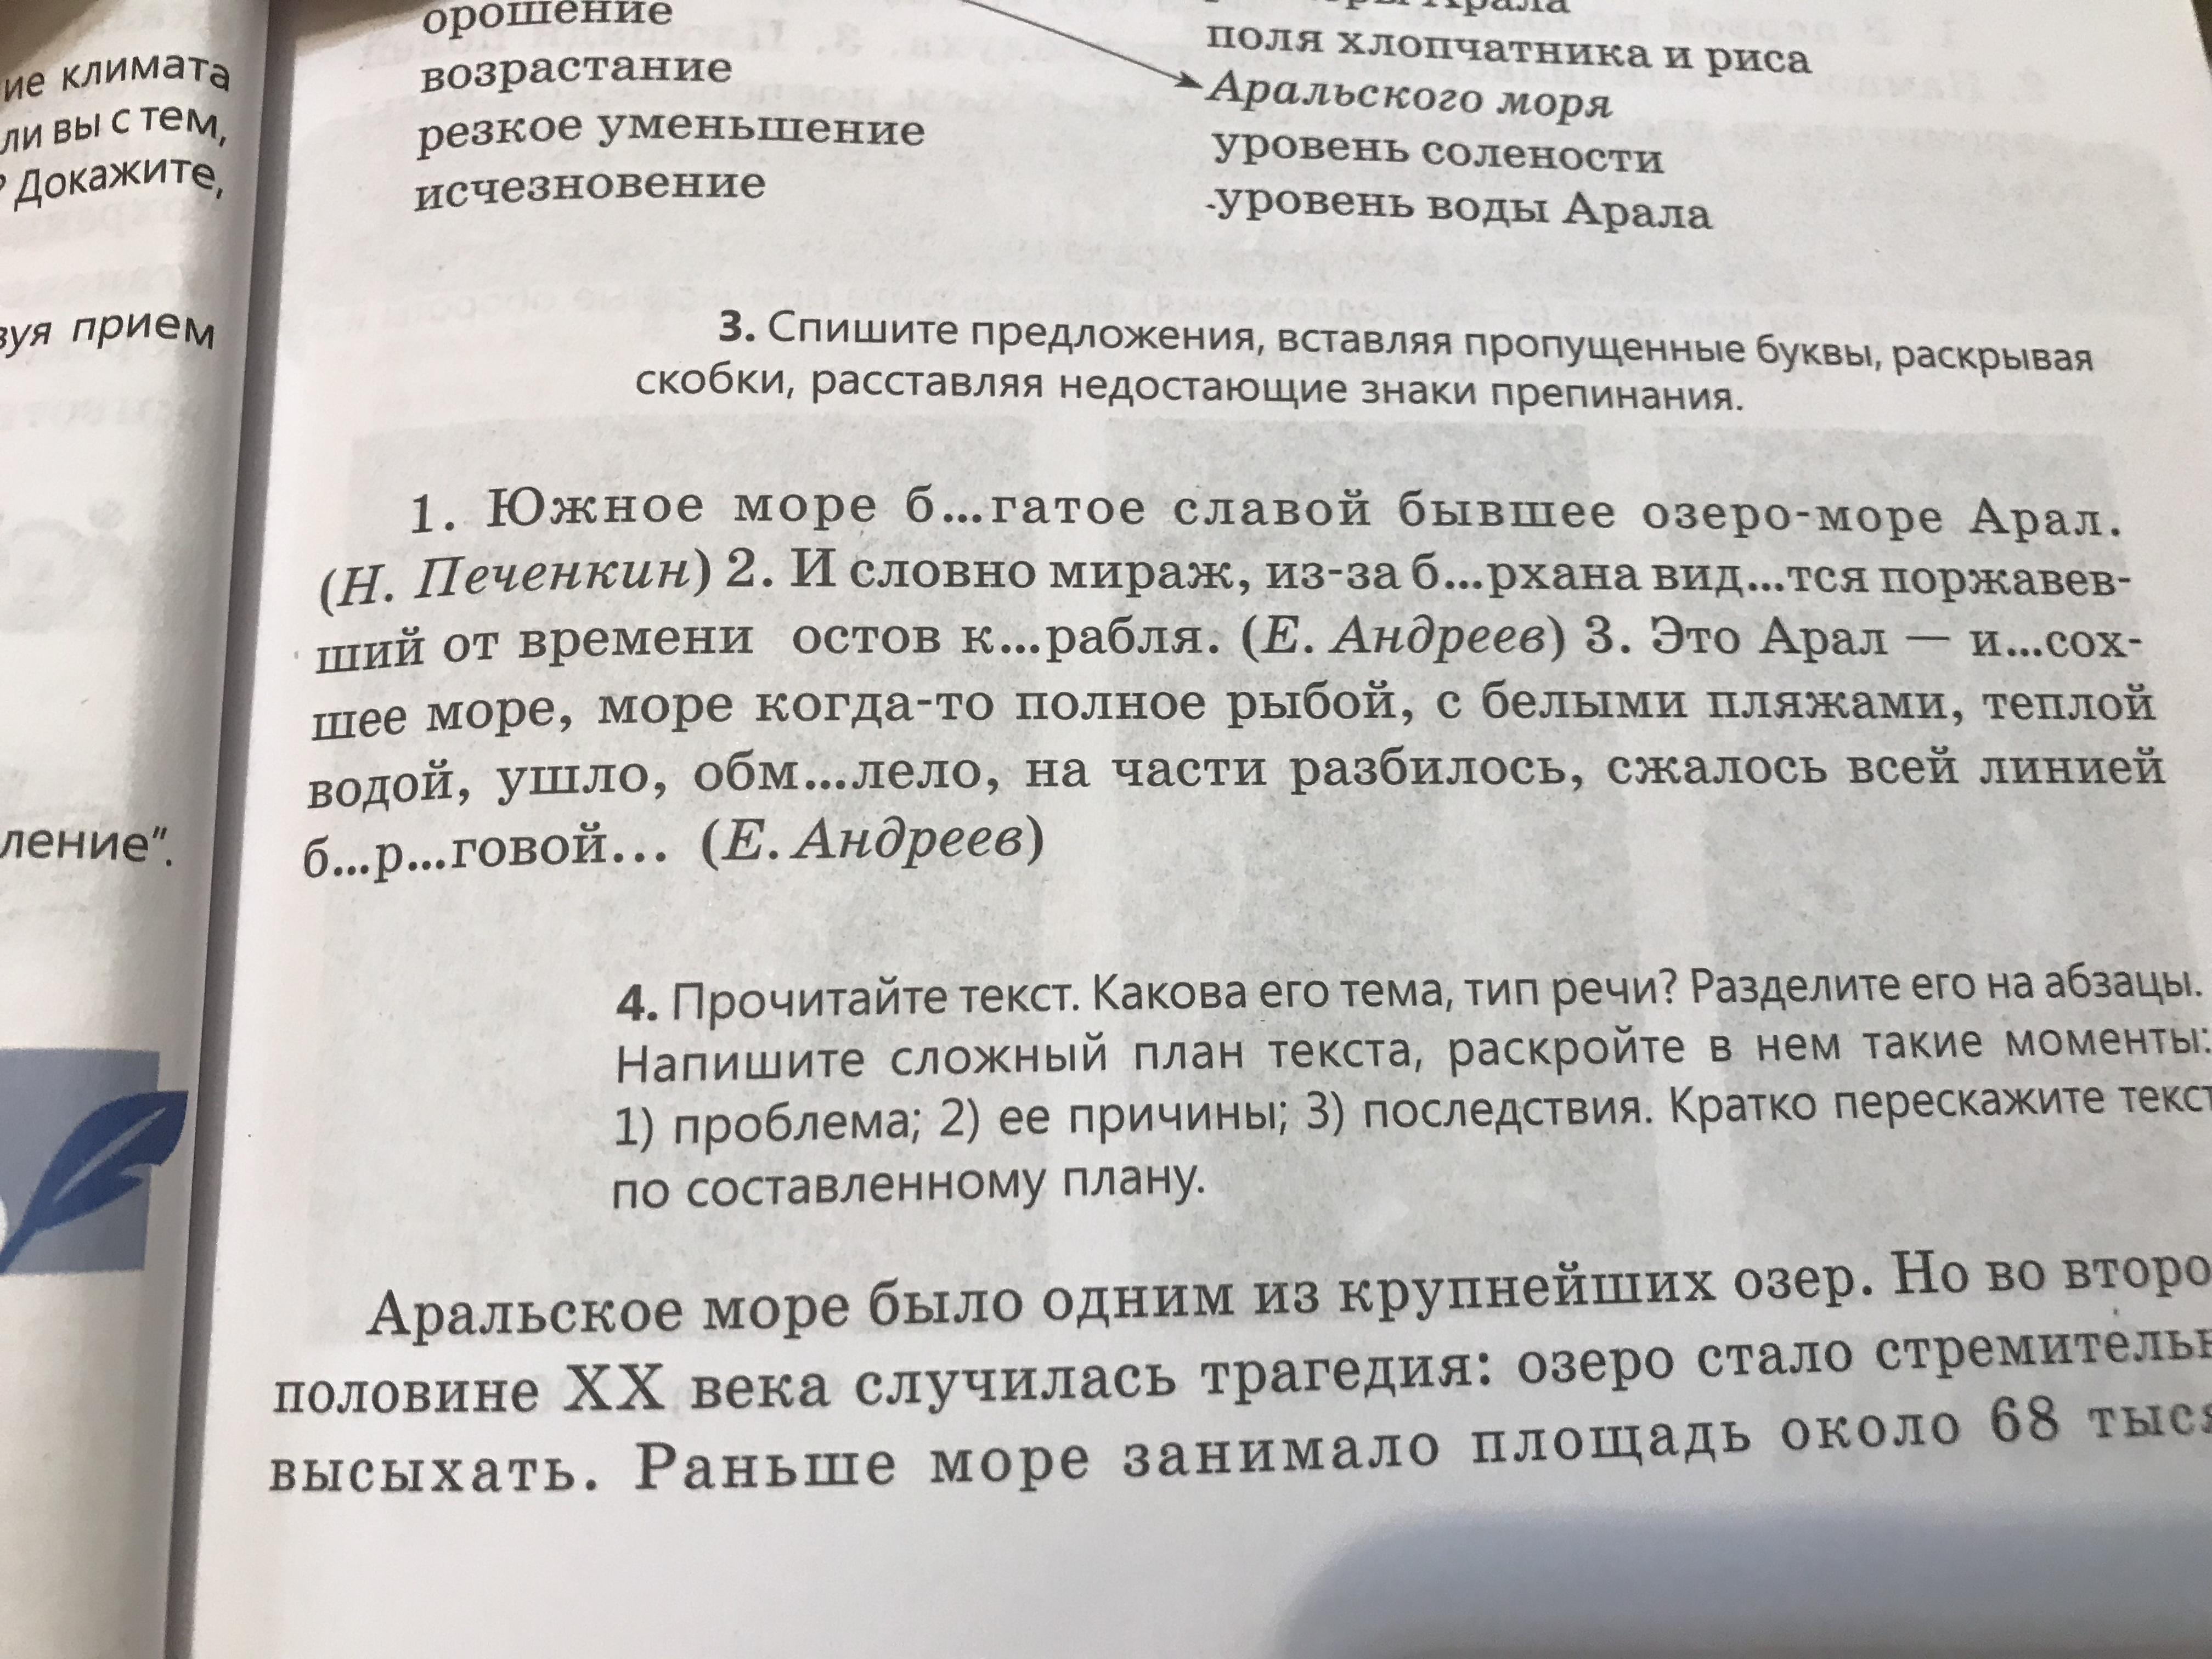 Dam 25 Ballov Pomogite Pozhalujsta Zadanie 3 Speshite Predlozheniya Vstavlyaya Propushennye Bukvy Shkolnye Znaniya Com